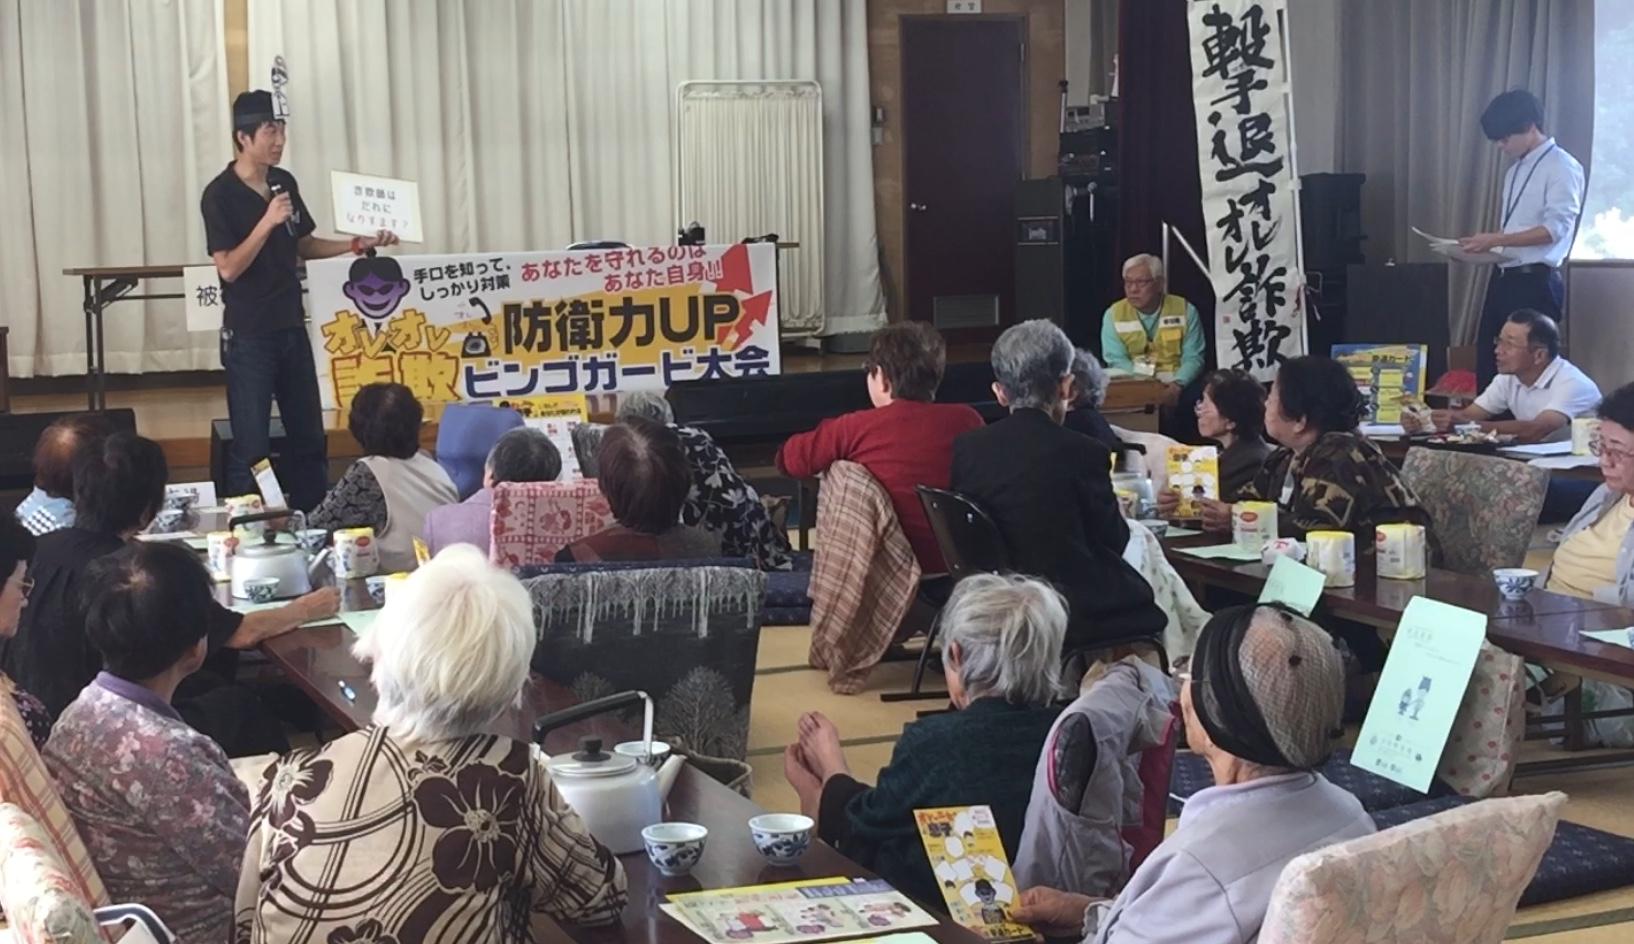 開催が幸田町老人福祉センターで行われ、飛び入りで少しお話しさせて頂きました。回を重ねるごとに寸劇ストーリーに磨きがかかっていて勉強させて頂きました。 #防災防犯マップ #ビンゴガイド #BingoGuard #MoaiDesign #モアイデザイン